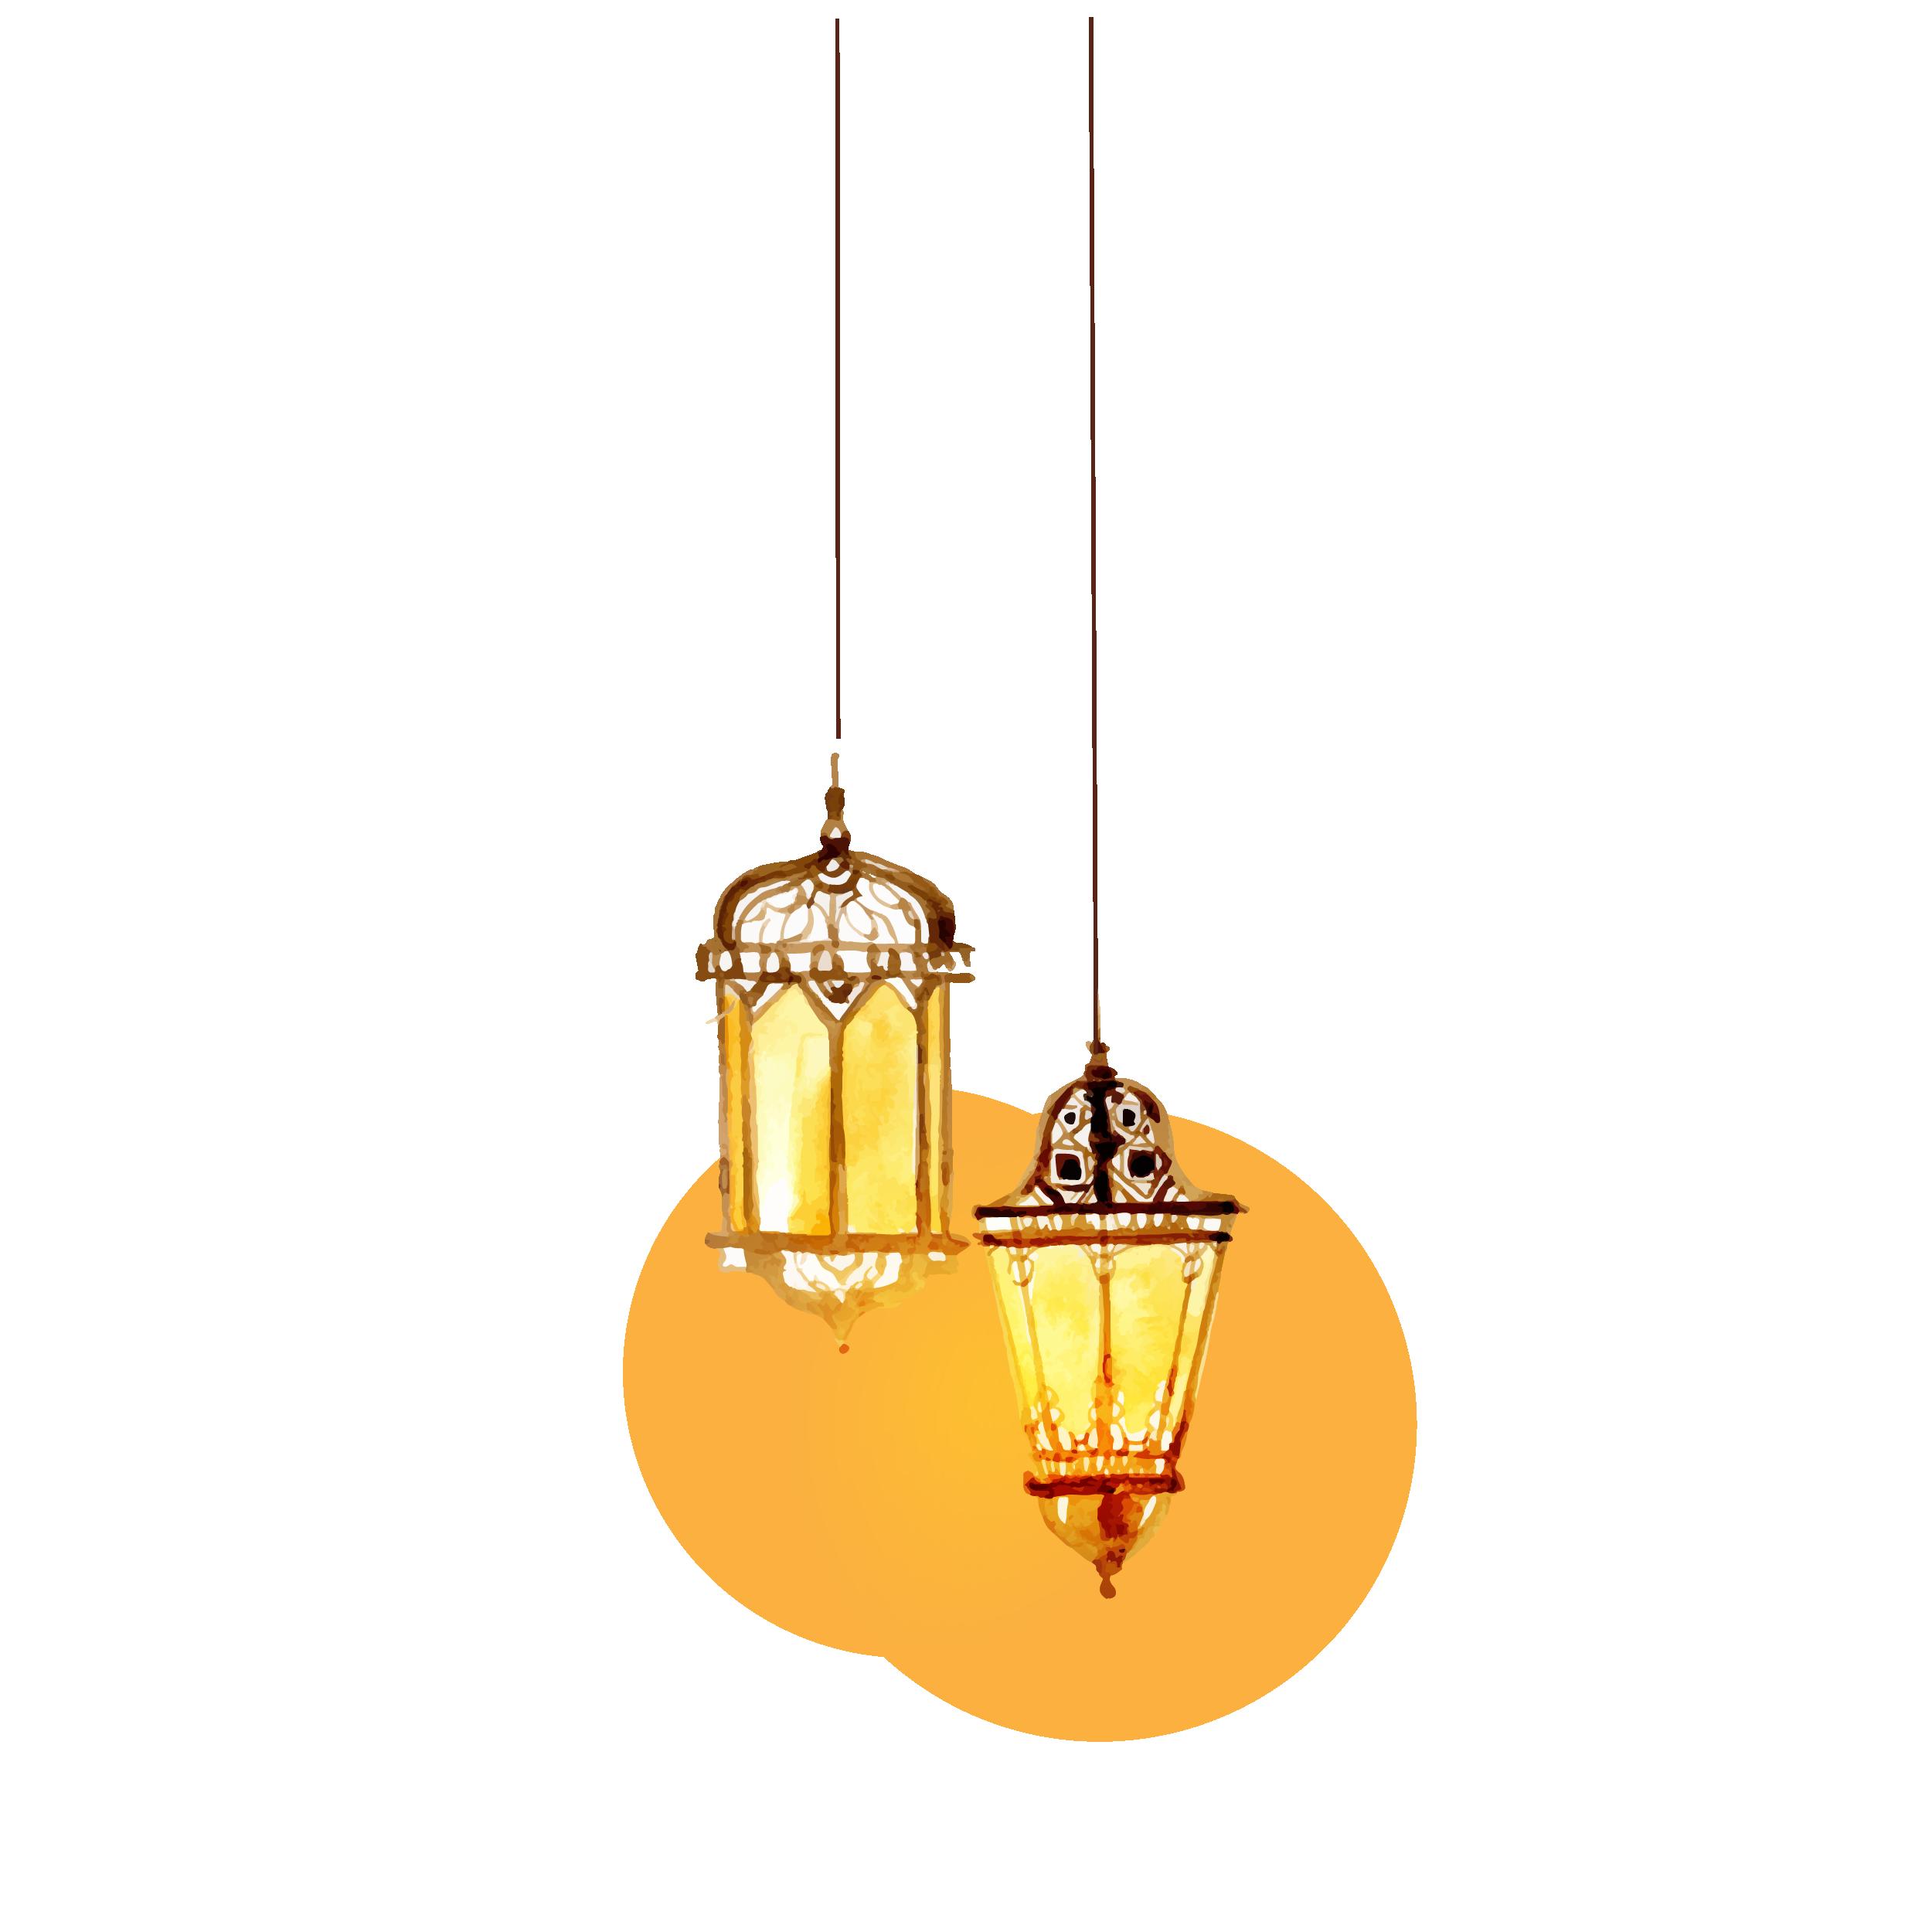 Pin Oleh Kate Brittenham Di Png Lentera Lukisan Dinding Lampu Gantung